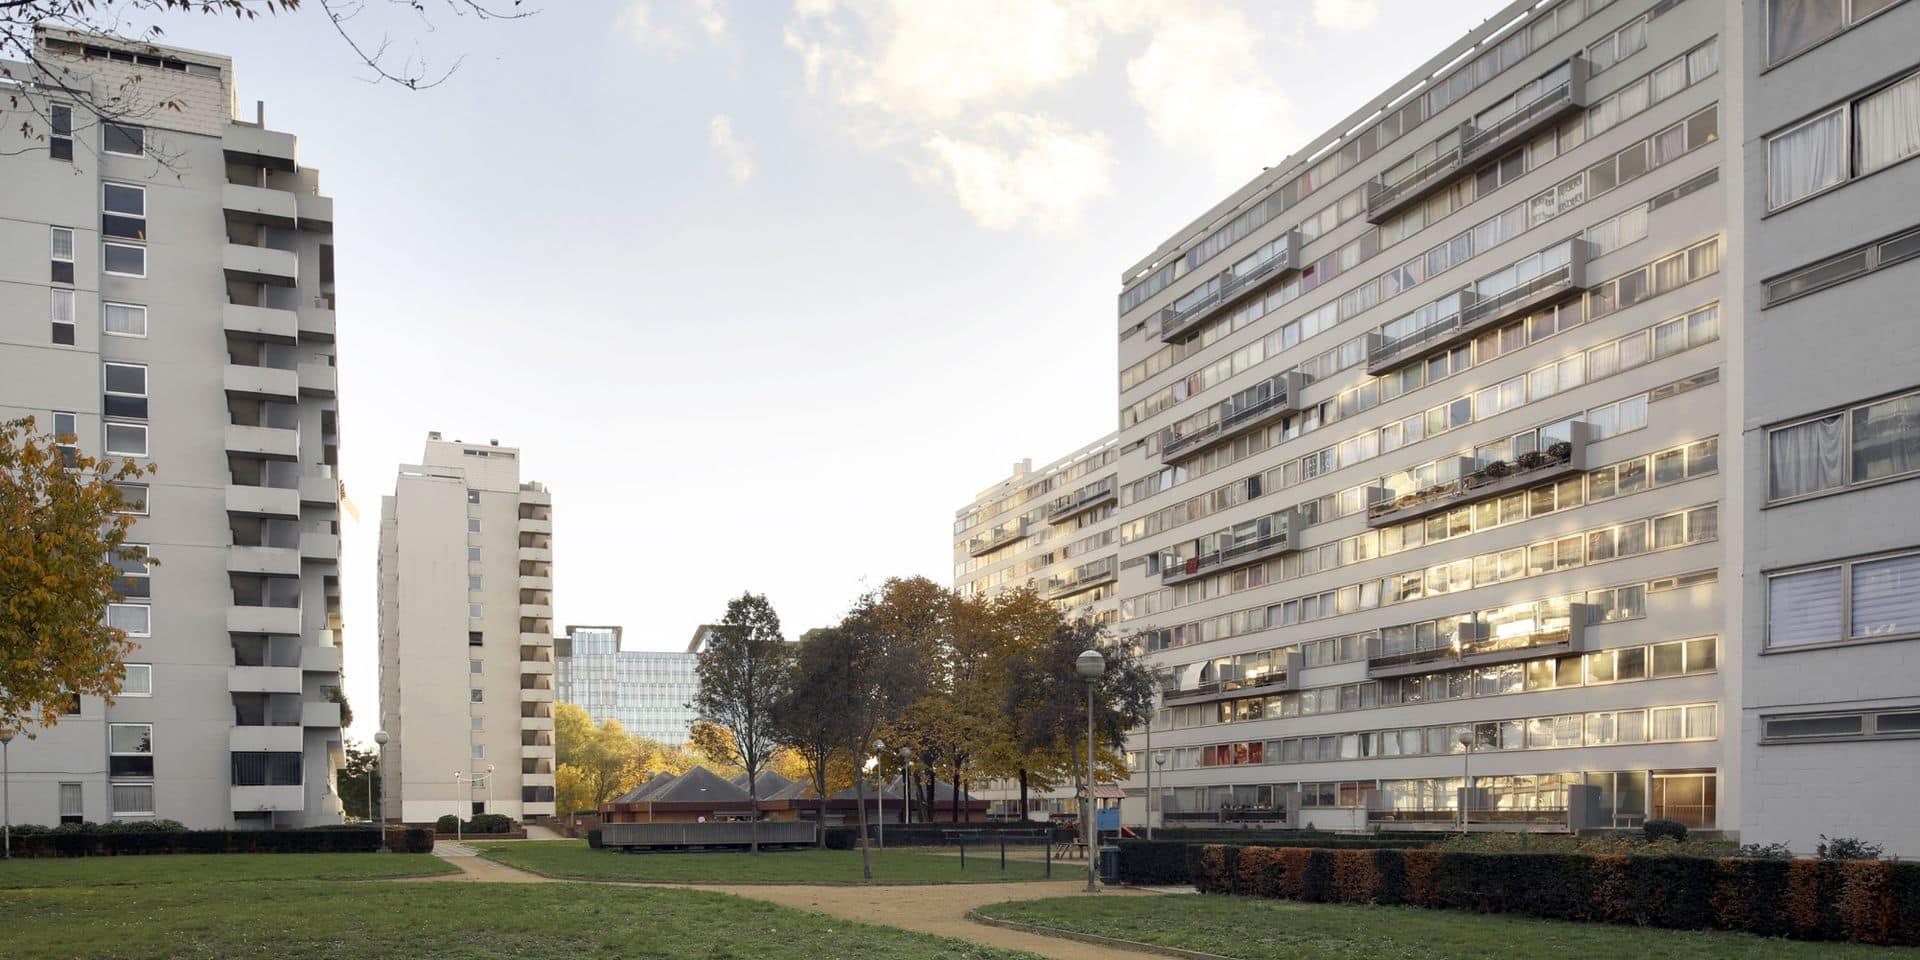 Contrat de Quartier Durable Héliport-Anvers : appel à candidatures pour participer à la commission de quartier